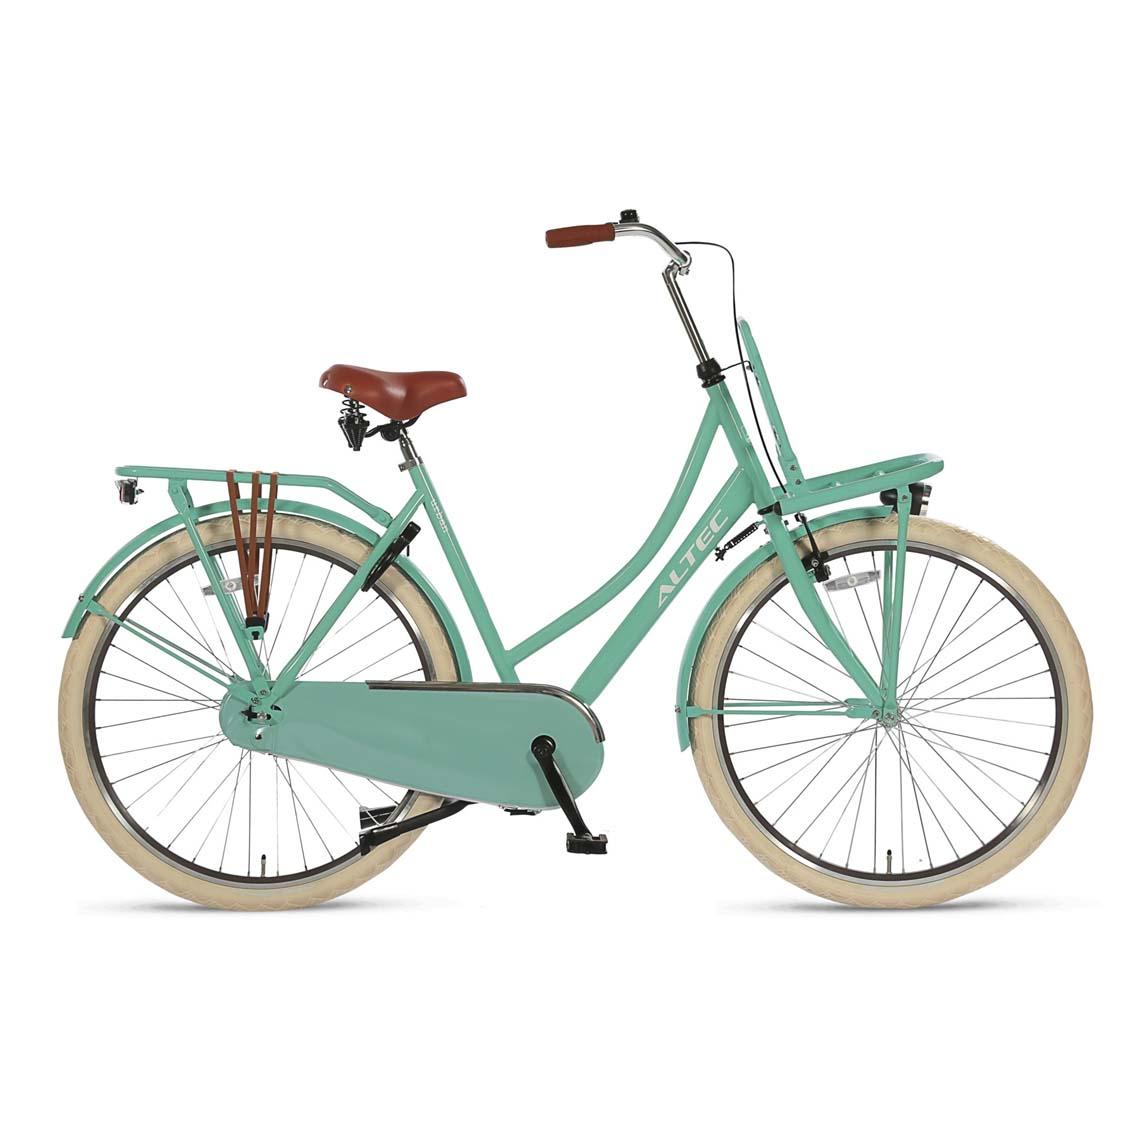 Altec-Urban-28inch-Transportfiets-50-Ocean-Green-Nieuw-2019 copy